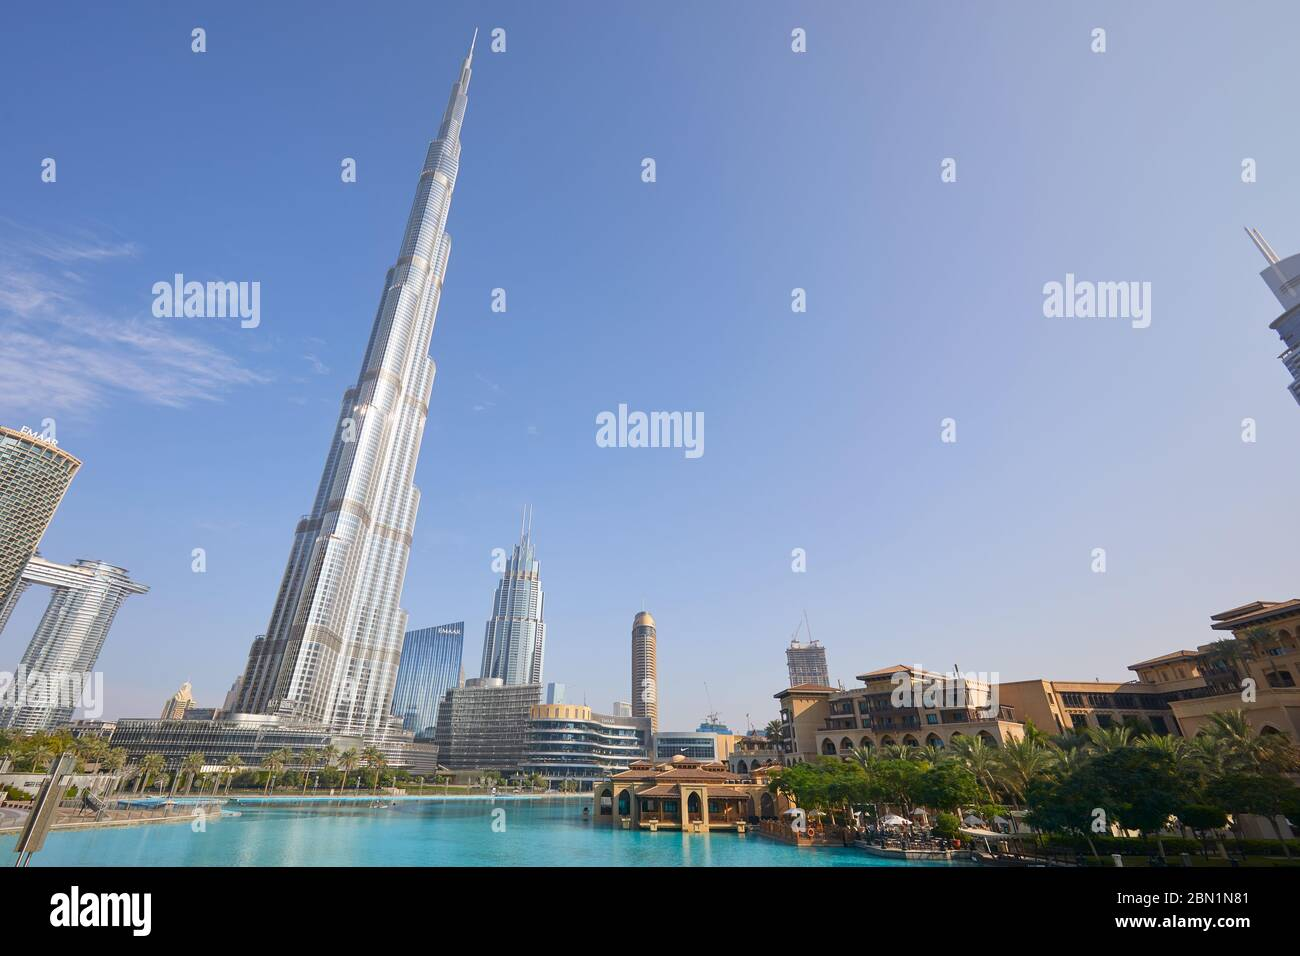 DUBAÏ, ÉMIRATS ARABES UNIS - 19 NOVEMBRE 2019 : gratte-ciel Burj Khalifa, souk al Bahar et lac artificiel dans une journée ensoleillée, vue à angle bas Banque D'Images